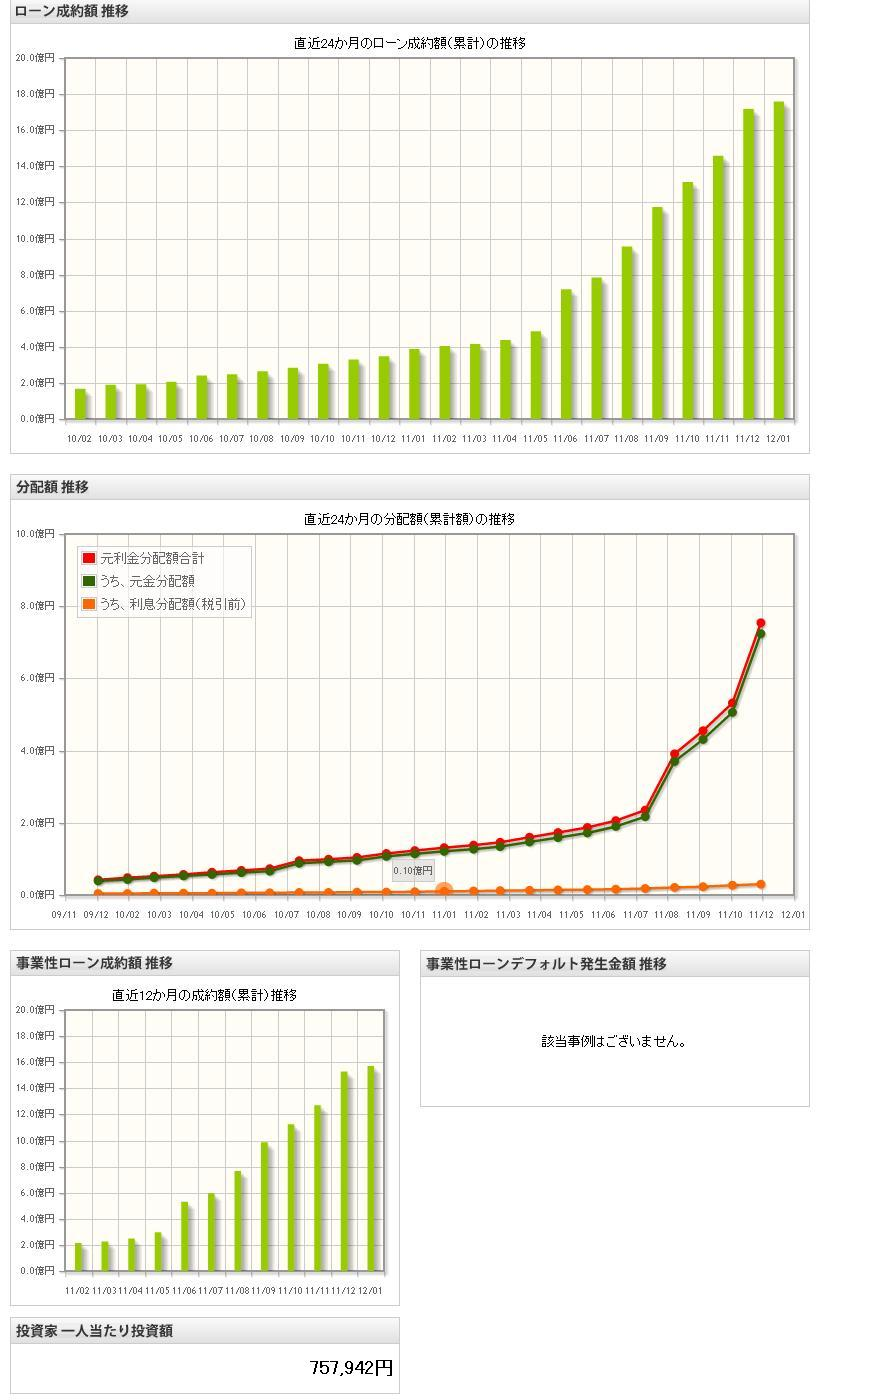 maneoマーケット情報201112